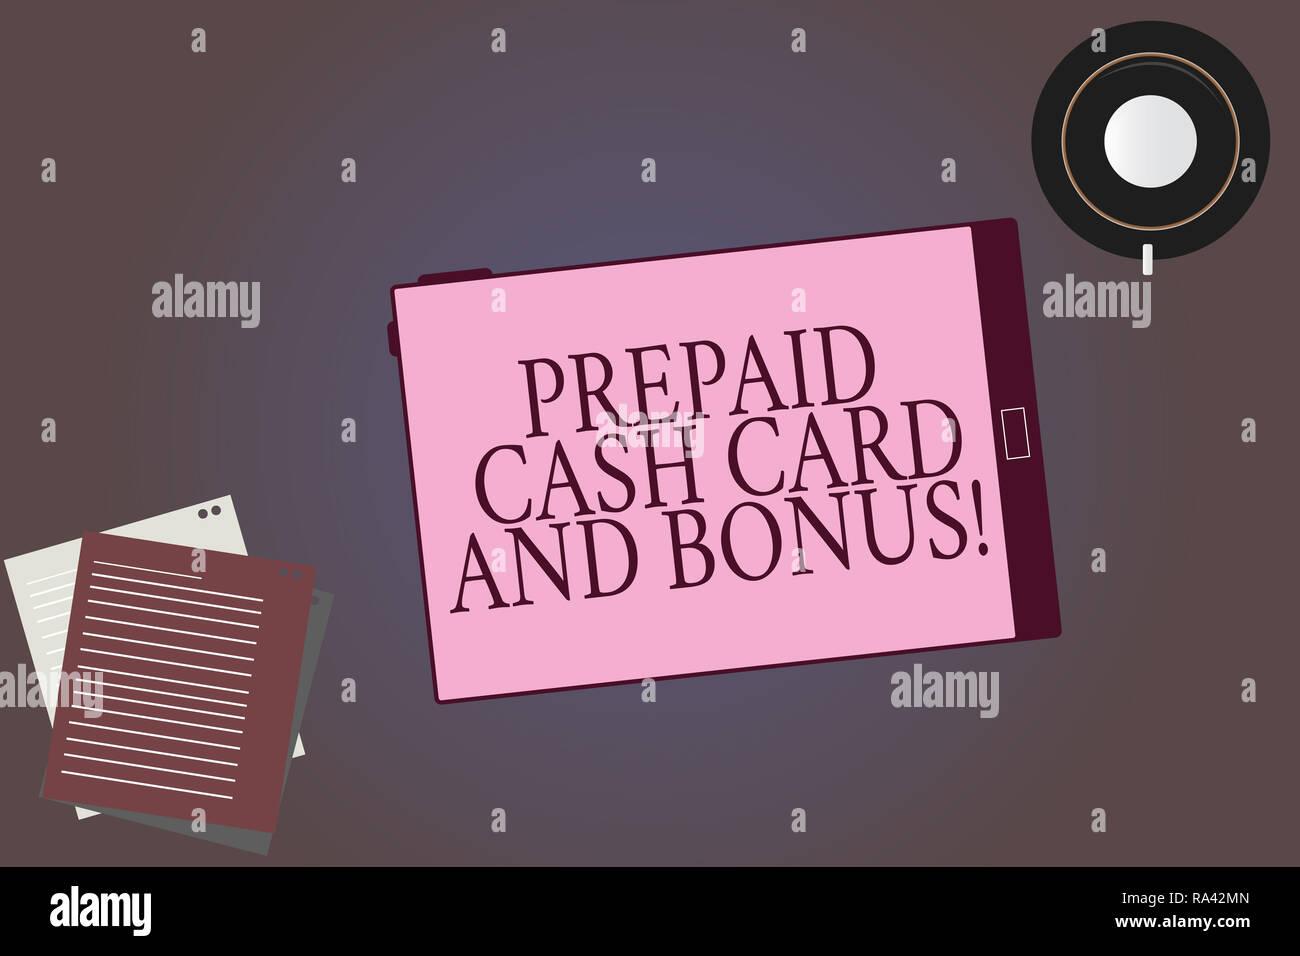 prepaid karte für tablet Konzeptionelle Hand schreiben Übersicht Prepaid Cash Karte und